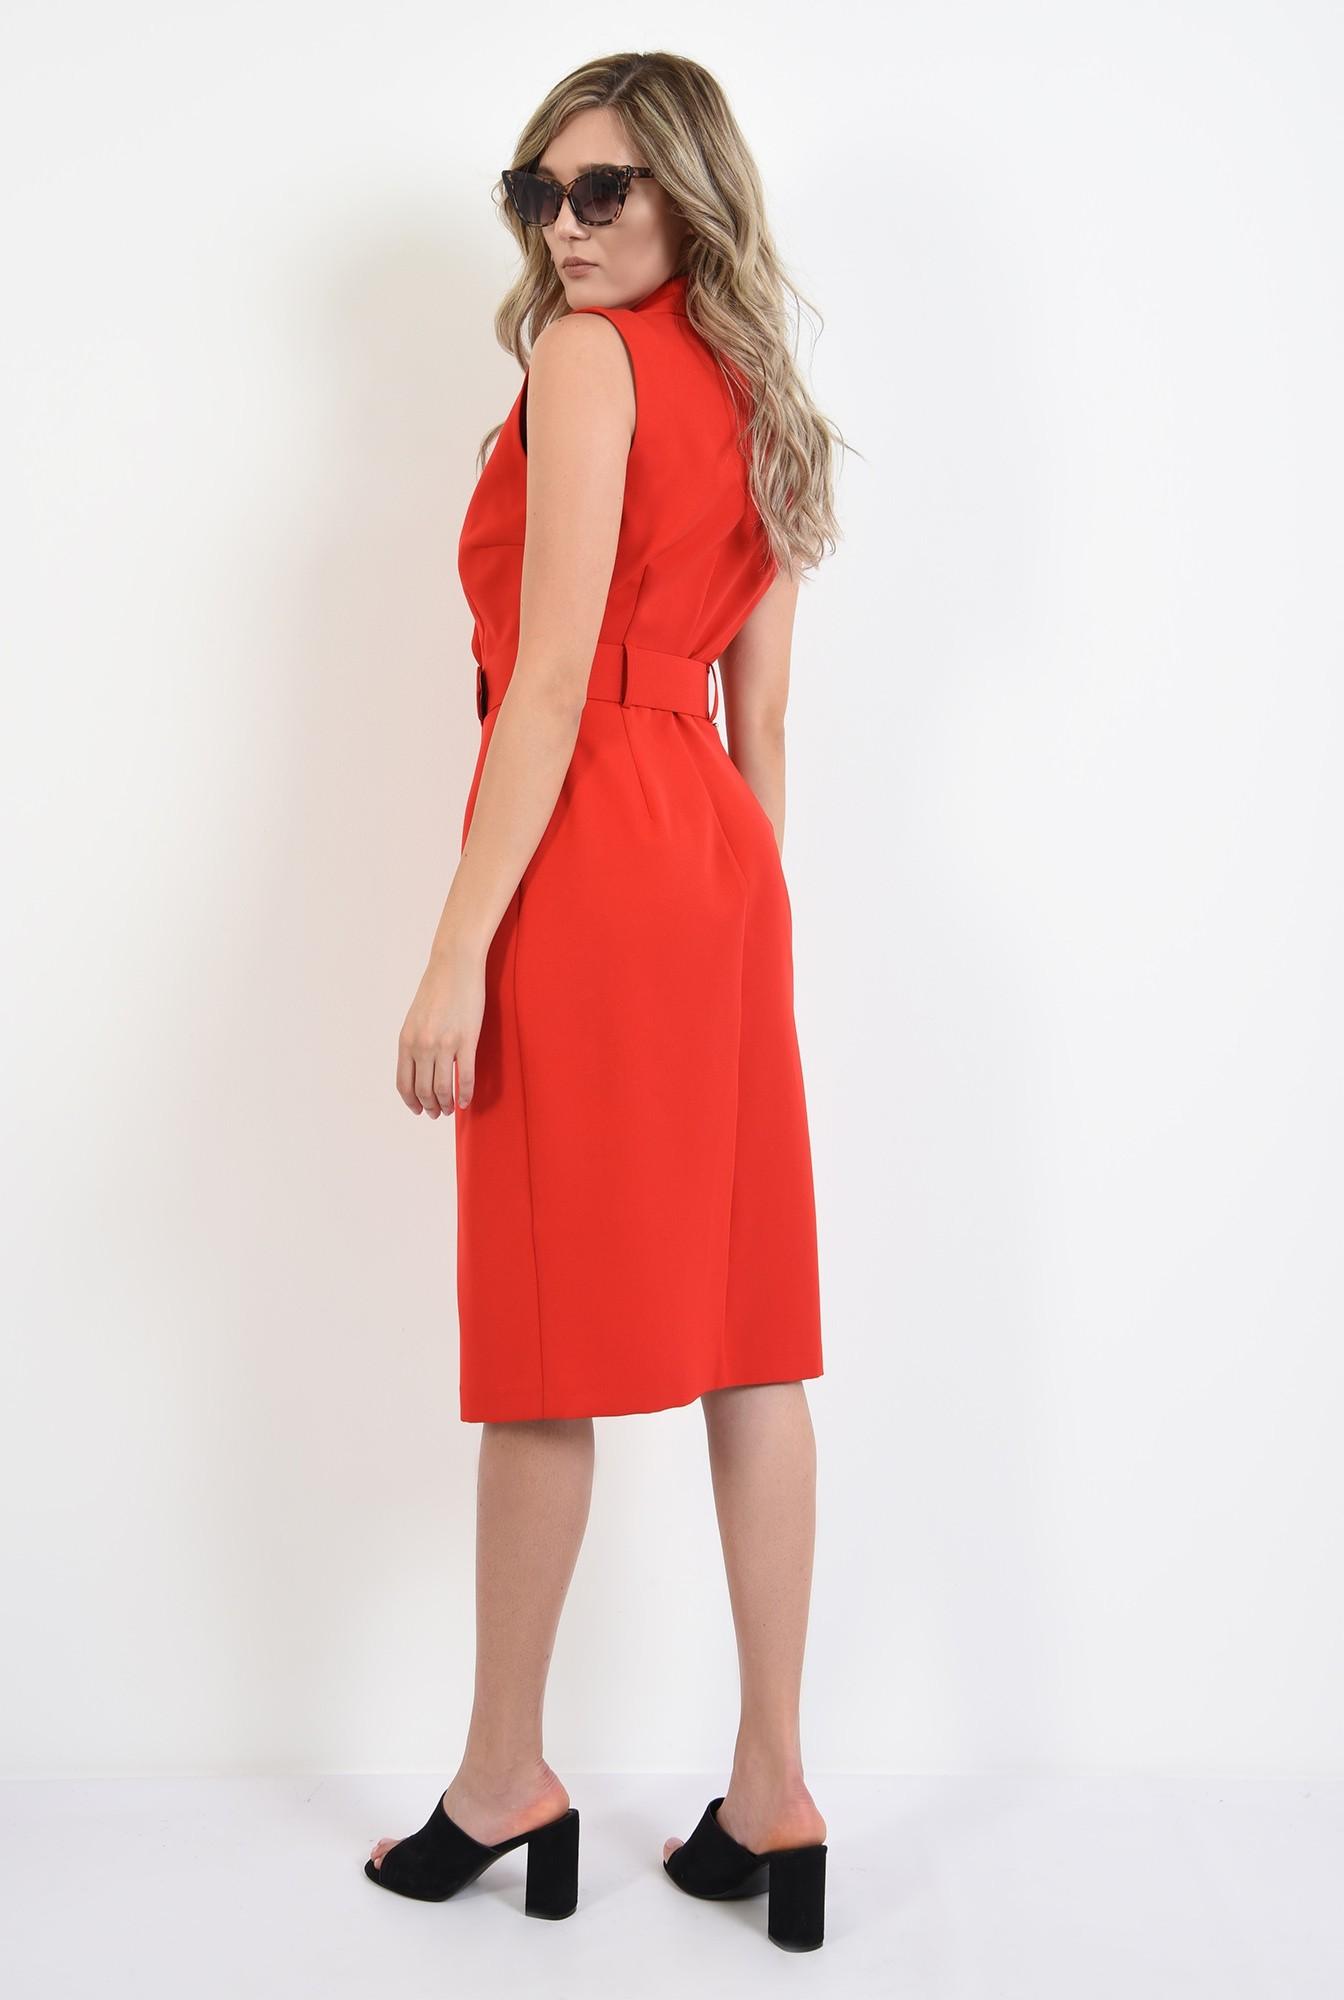 1 - 360 - rochie tip sacou, rosie, cu nasturi, Poema